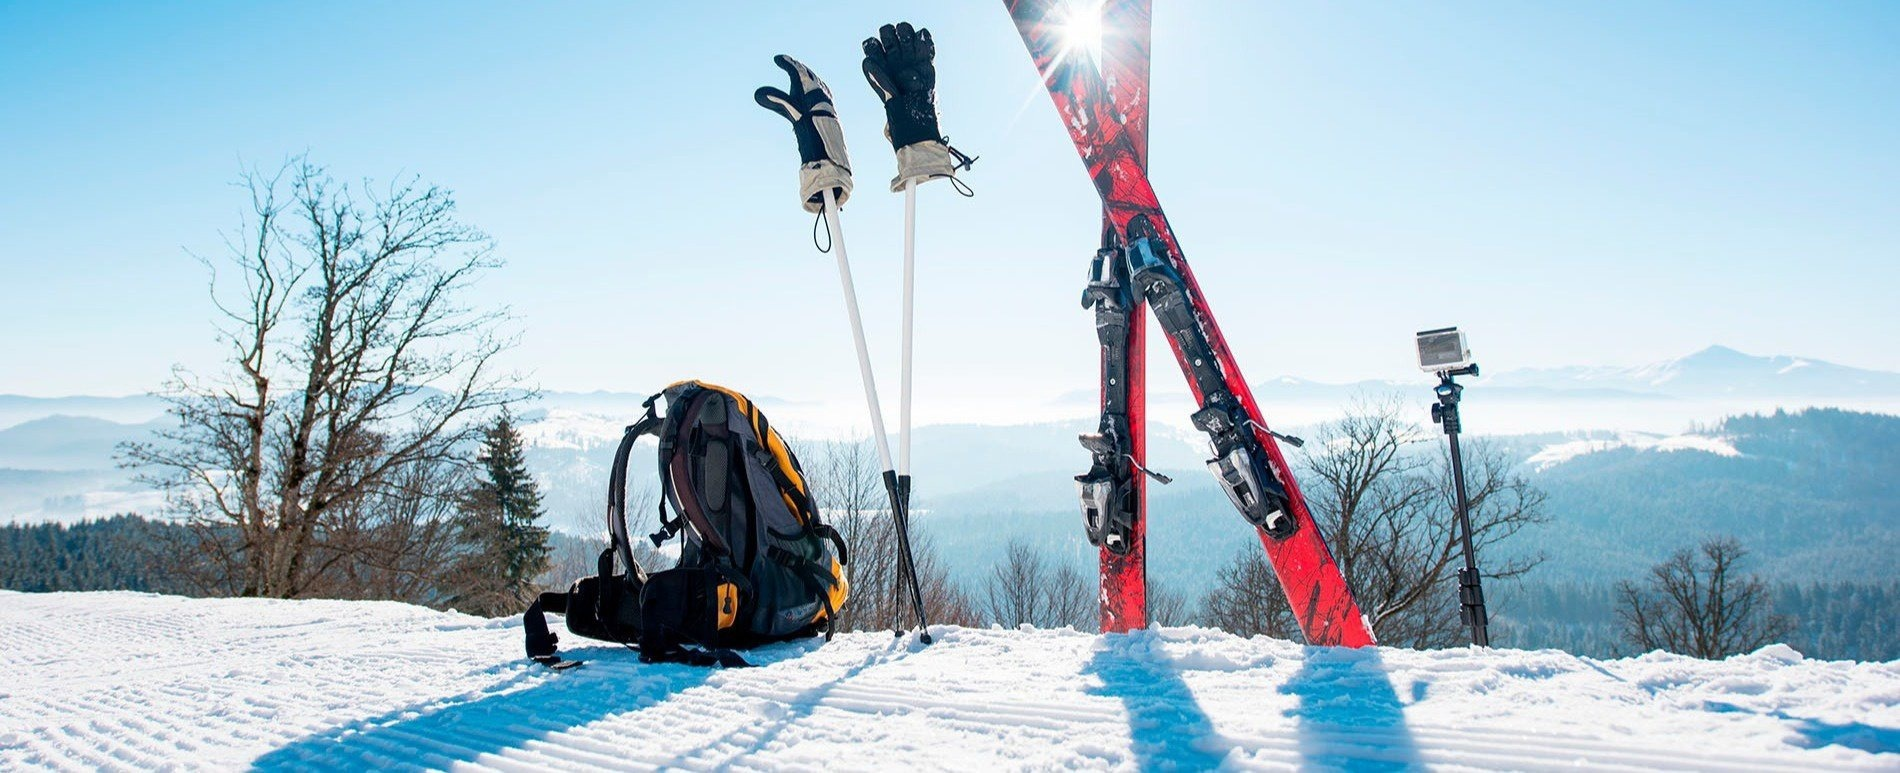 Oferta hotel y esquí Grandvalira